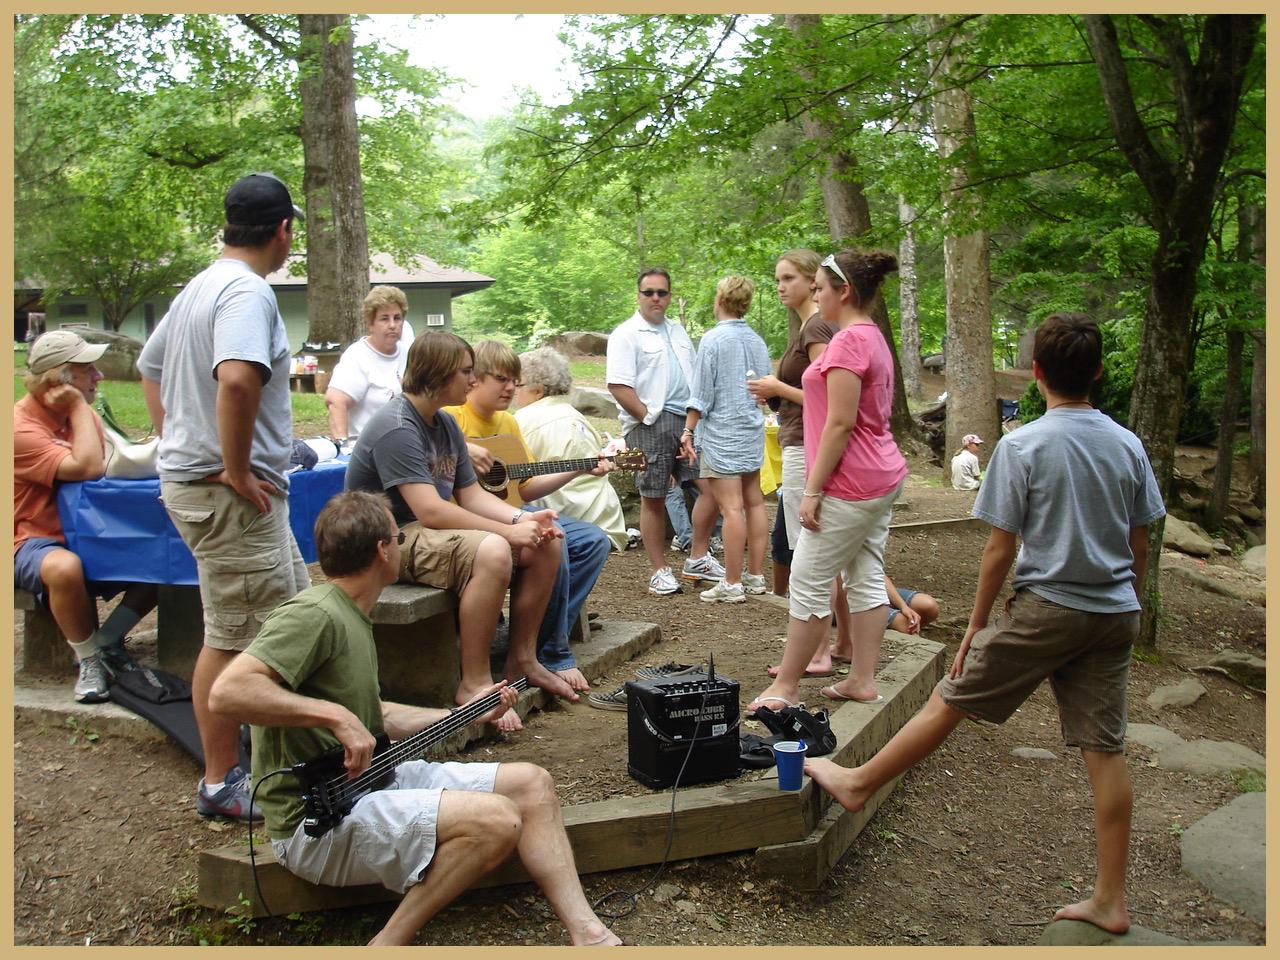 picnic Family.jpg